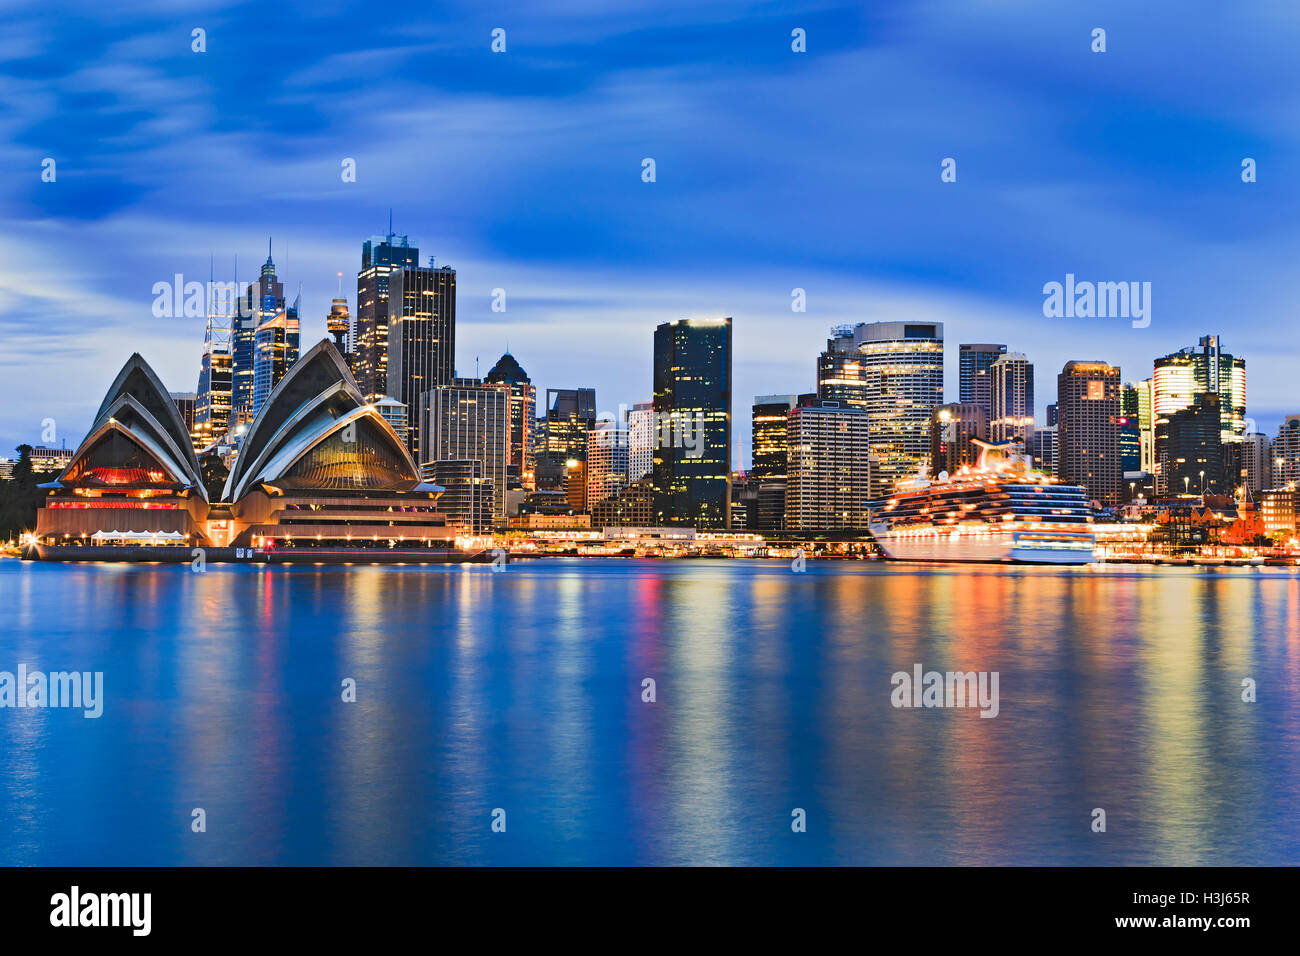 Paisaje urbano de la ciudad de Sydney CBD en Puerto al amanecer, reflejando las luces brillantes de los rascacielos Imagen De Stock